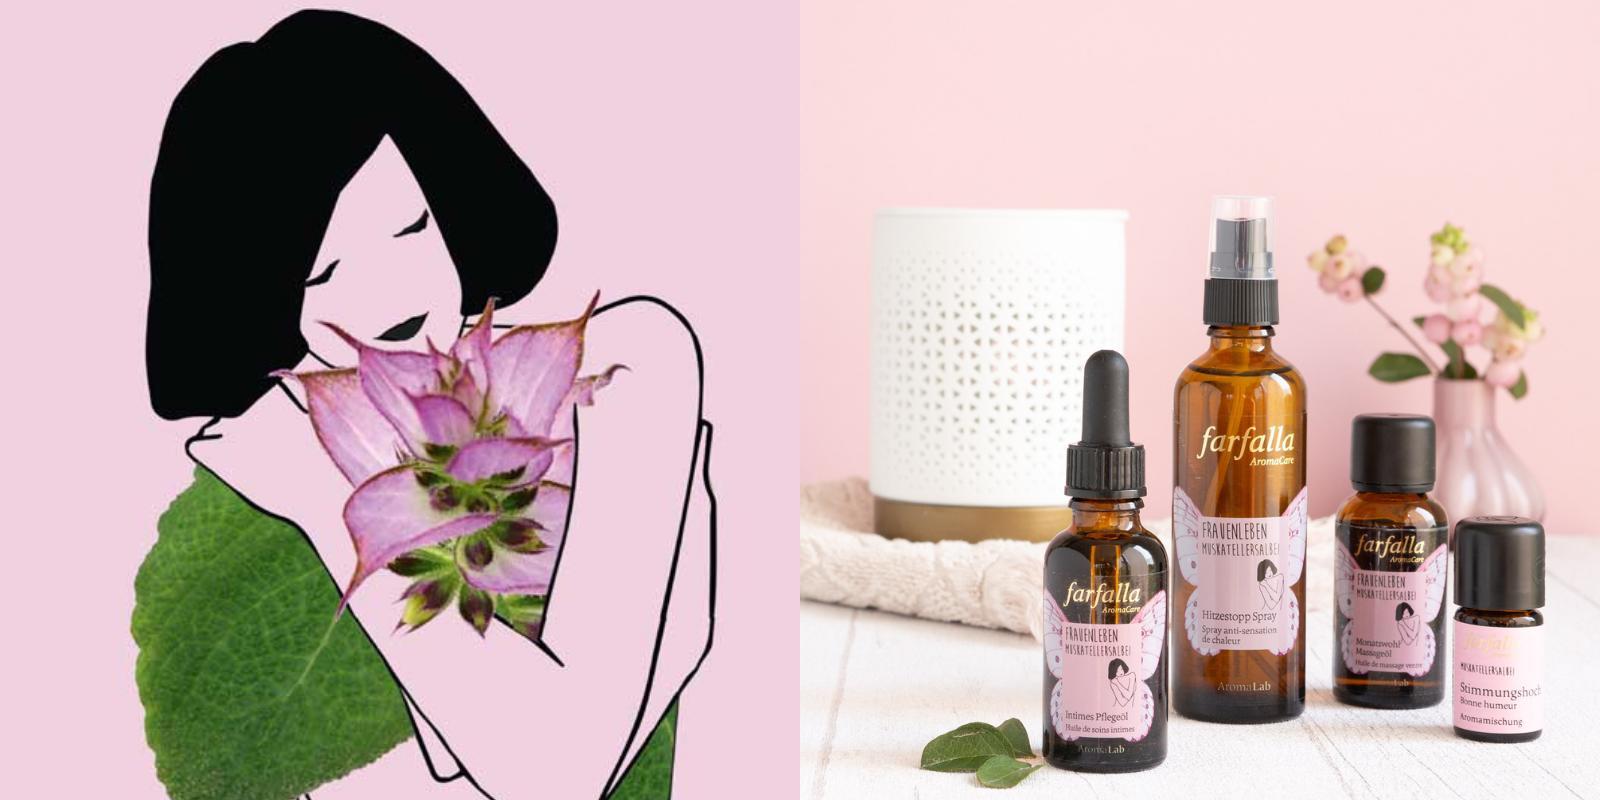 Farfalla aroma produkty